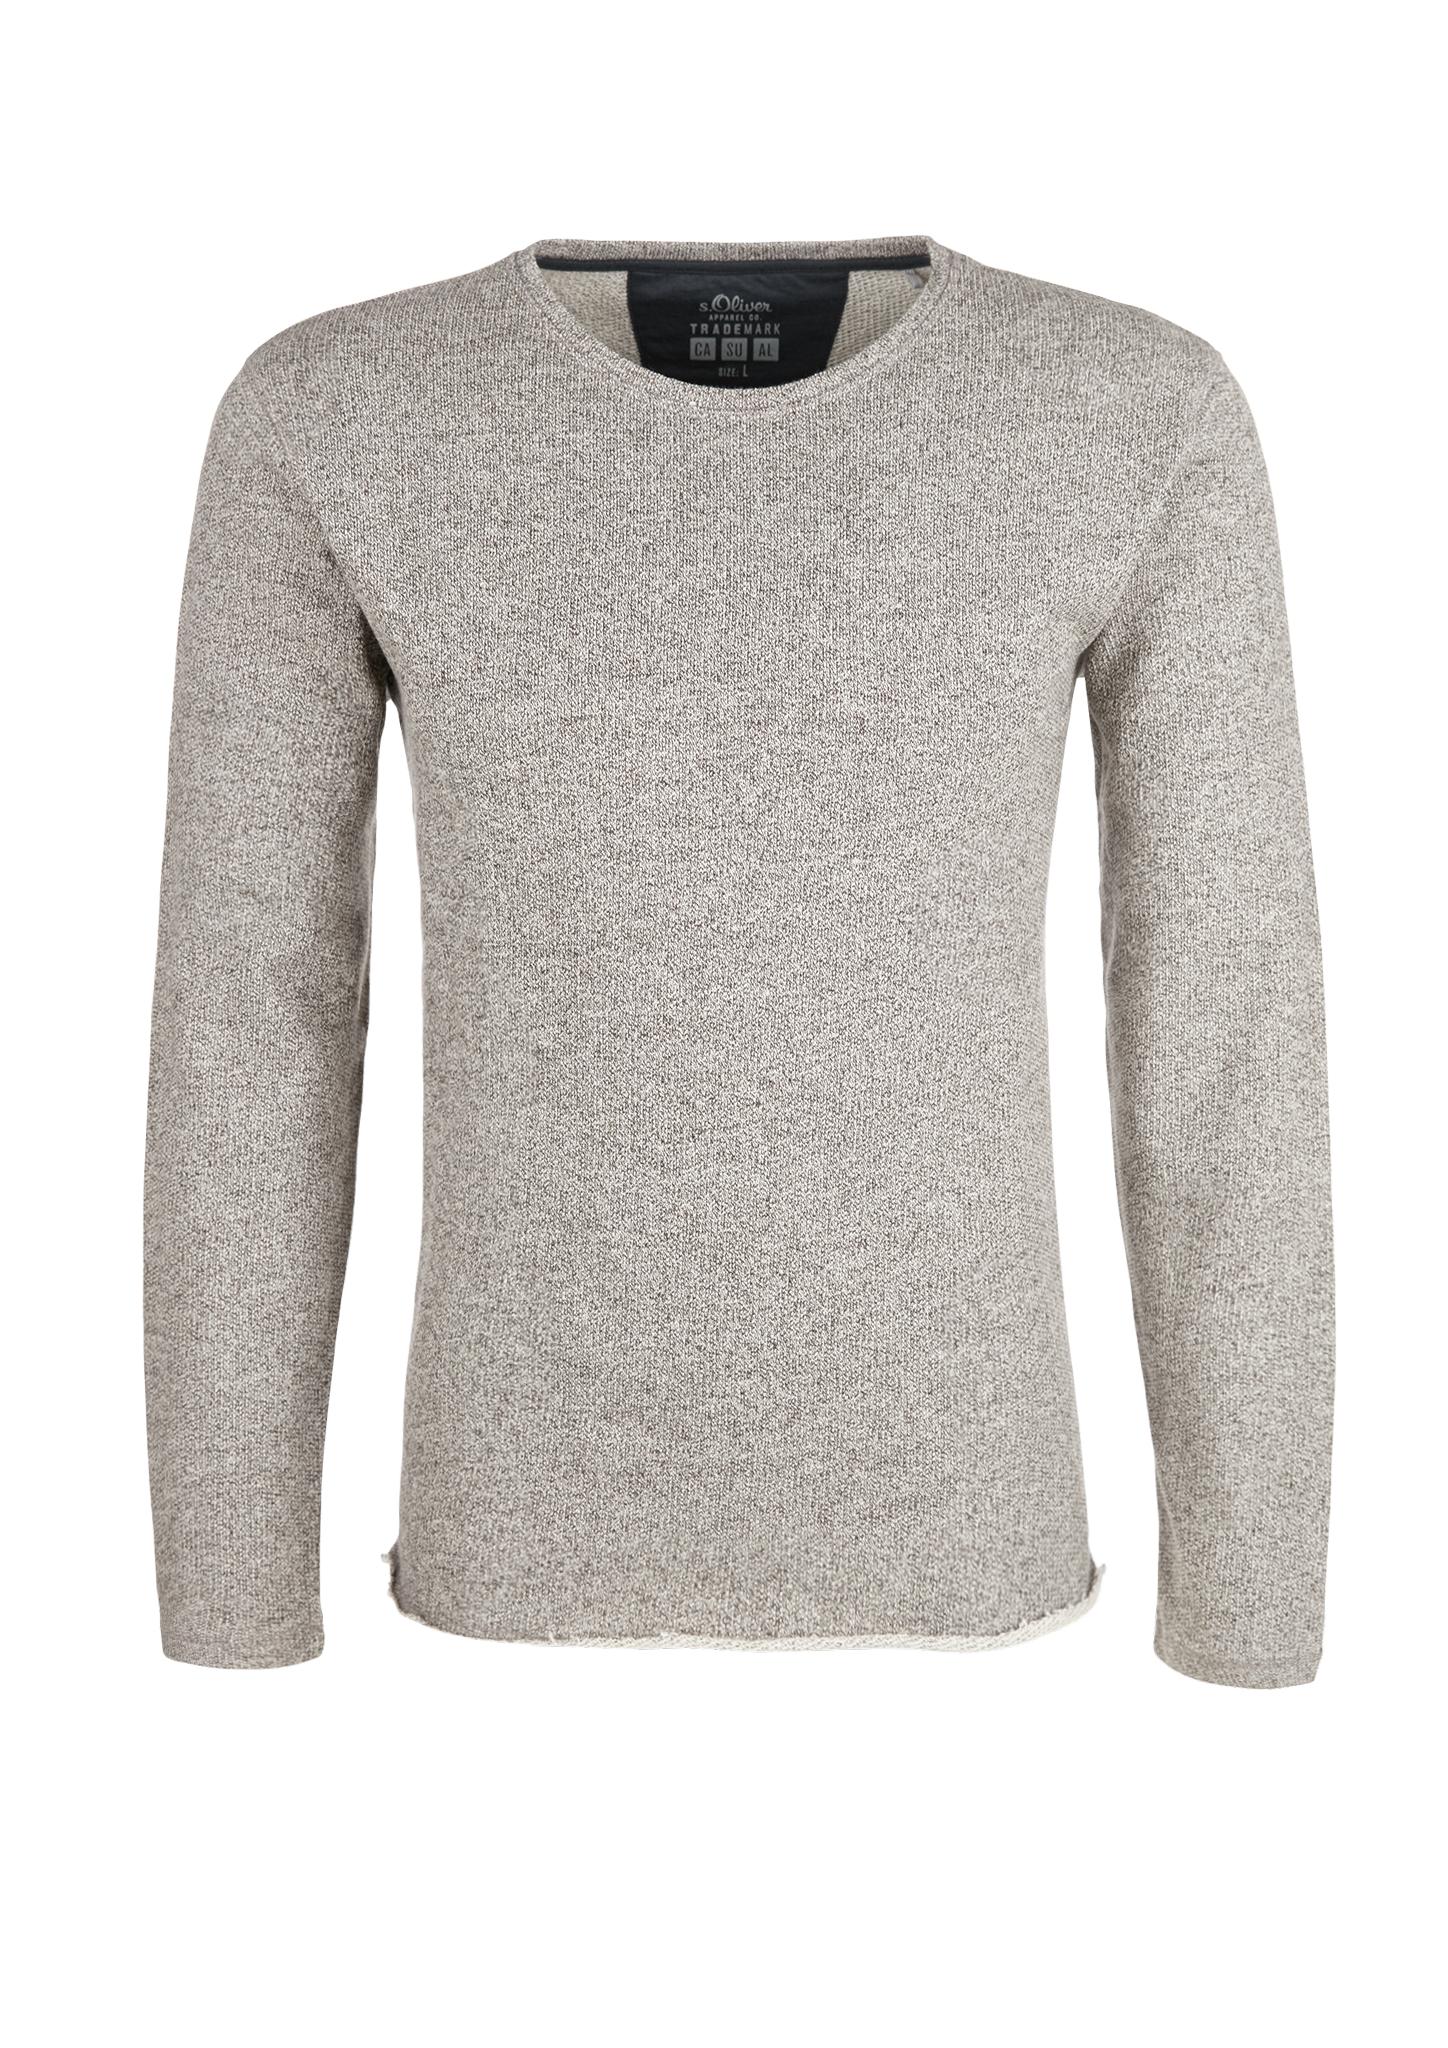 Langarmshirt   Bekleidung > Shirts > Langarm Shirts   Grau/schwarz   100% baumwolle   s.Oliver